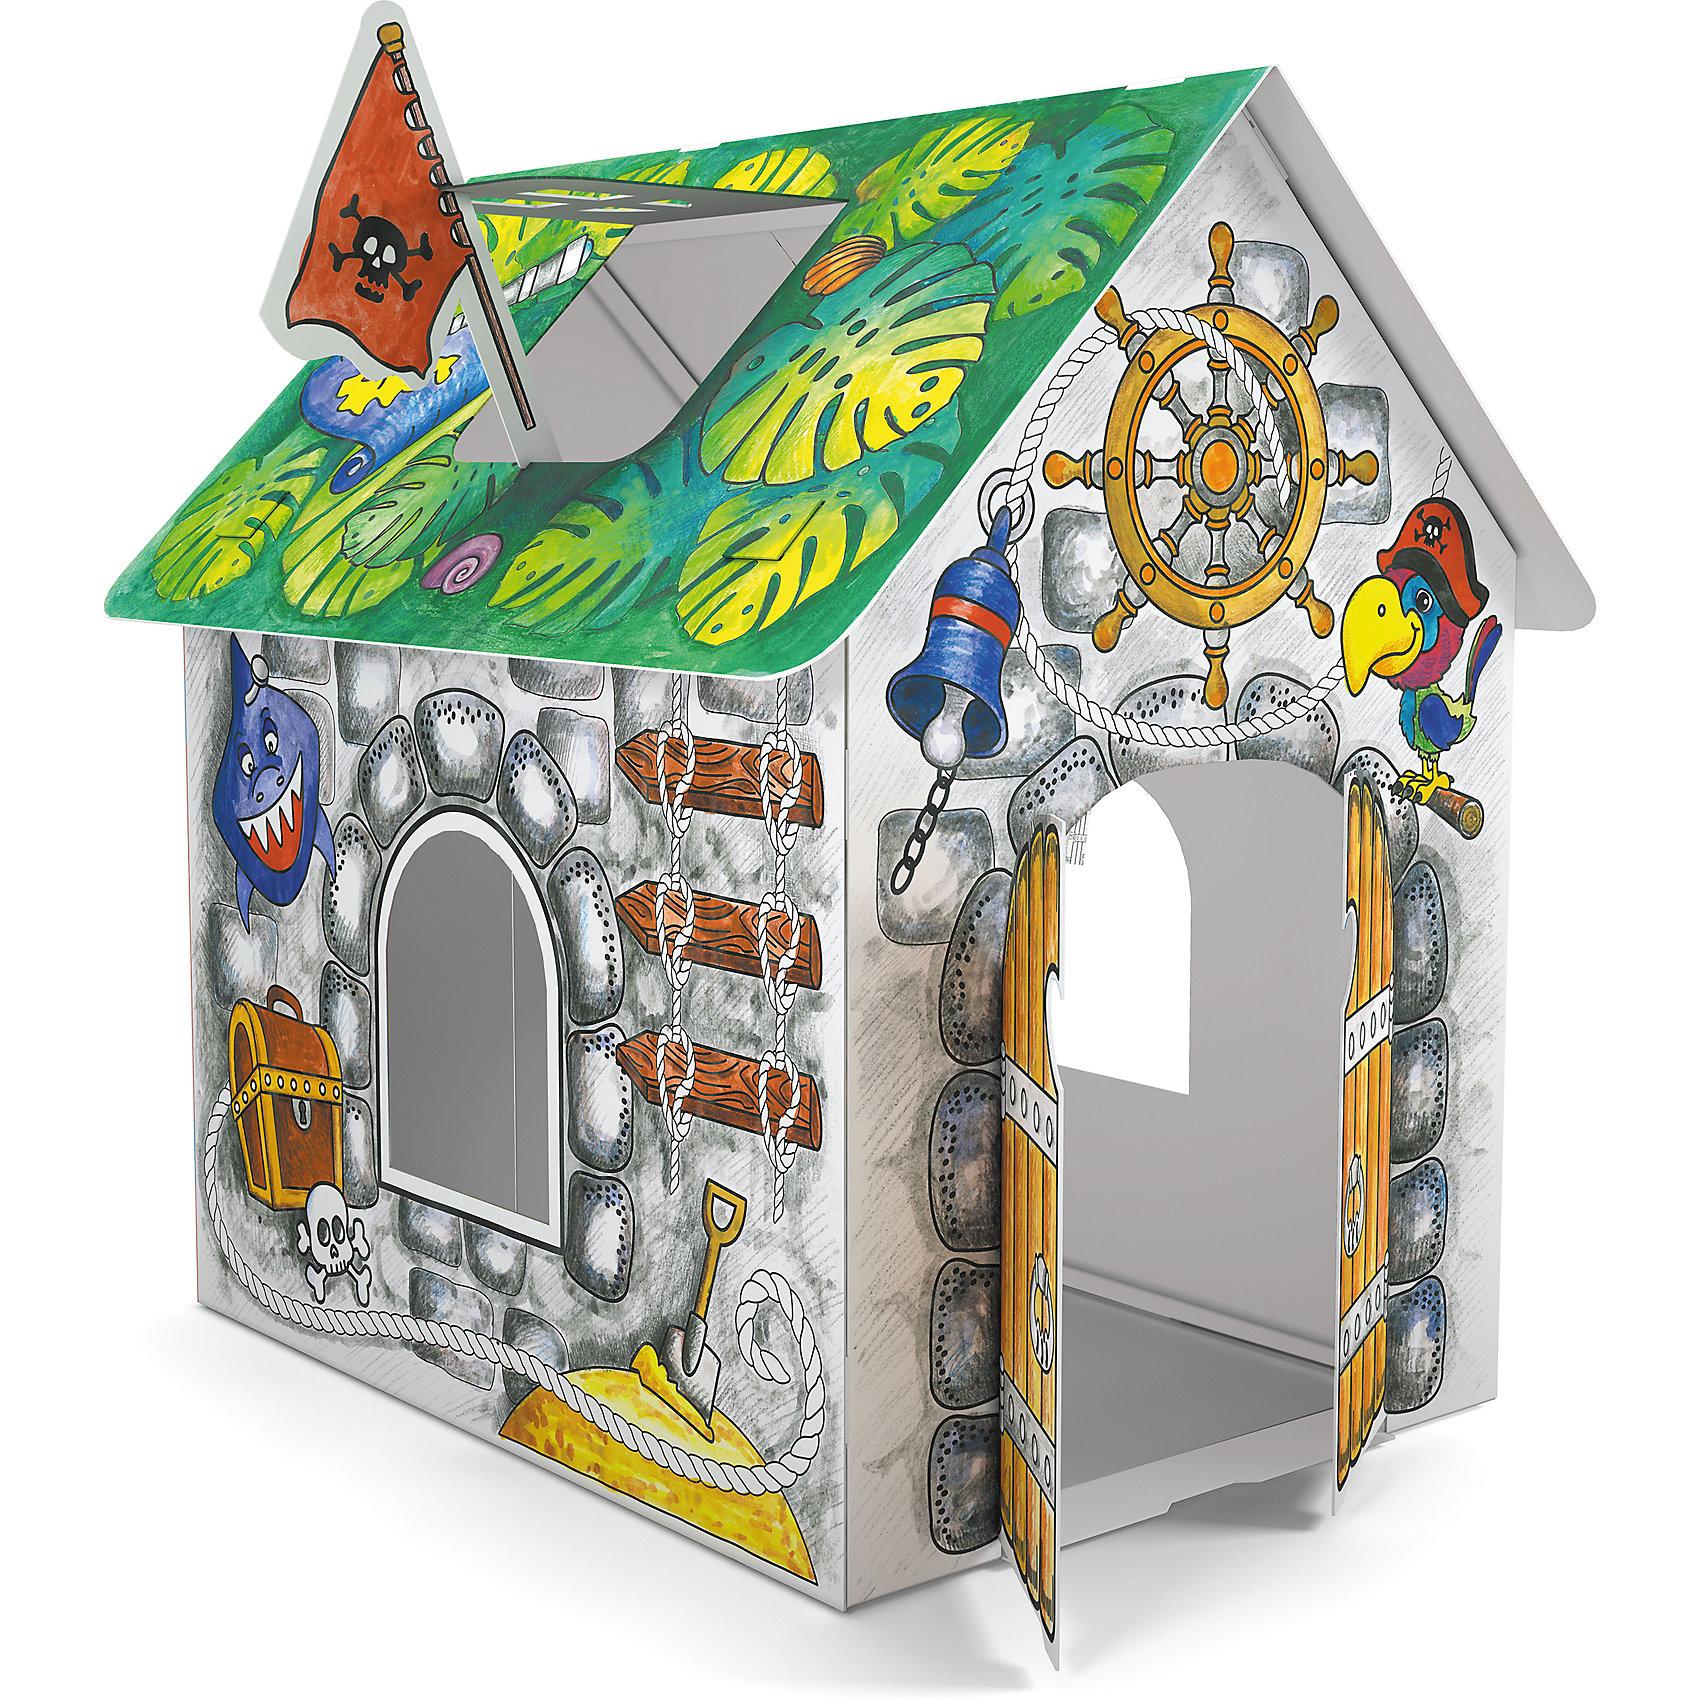 Домик для раскрашивания ПиратскийИграть в пиратов обожает множество мальчишек. Порадовать ребенка можно новым игровым набором от известного производителя - пиратским домиком из прочного картона, который мальчик сможет не только сам раскрасить, по и самостоятельно собрать, далее придумывая множество игр с этим вместительным жилищем пиратов.<br>Такая игрушка поможет развить не только творческие способности ребенка, но и мелкую моторику, художественный вкус, логику, внимательность и умение нестандартно мыслить.<br><br><br>Дополнительная информация:<br><br>состав: бумага, картон;<br>размер: 93 х 62 х 84 см;<br>возраст: от трех лет.<br><br>Домик для раскрашивания Пиратский (для мальчиков) от компании ErichKrause можно купить в нашем магазине.<br><br>Ширина мм: 300<br>Глубина мм: 150<br>Высота мм: 400<br>Вес г: 510<br>Цвет: зеленый<br>Возраст от месяцев: 36<br>Возраст до месяцев: 180<br>Пол: Мужской<br>Возраст: Детский<br>SKU: 4915816